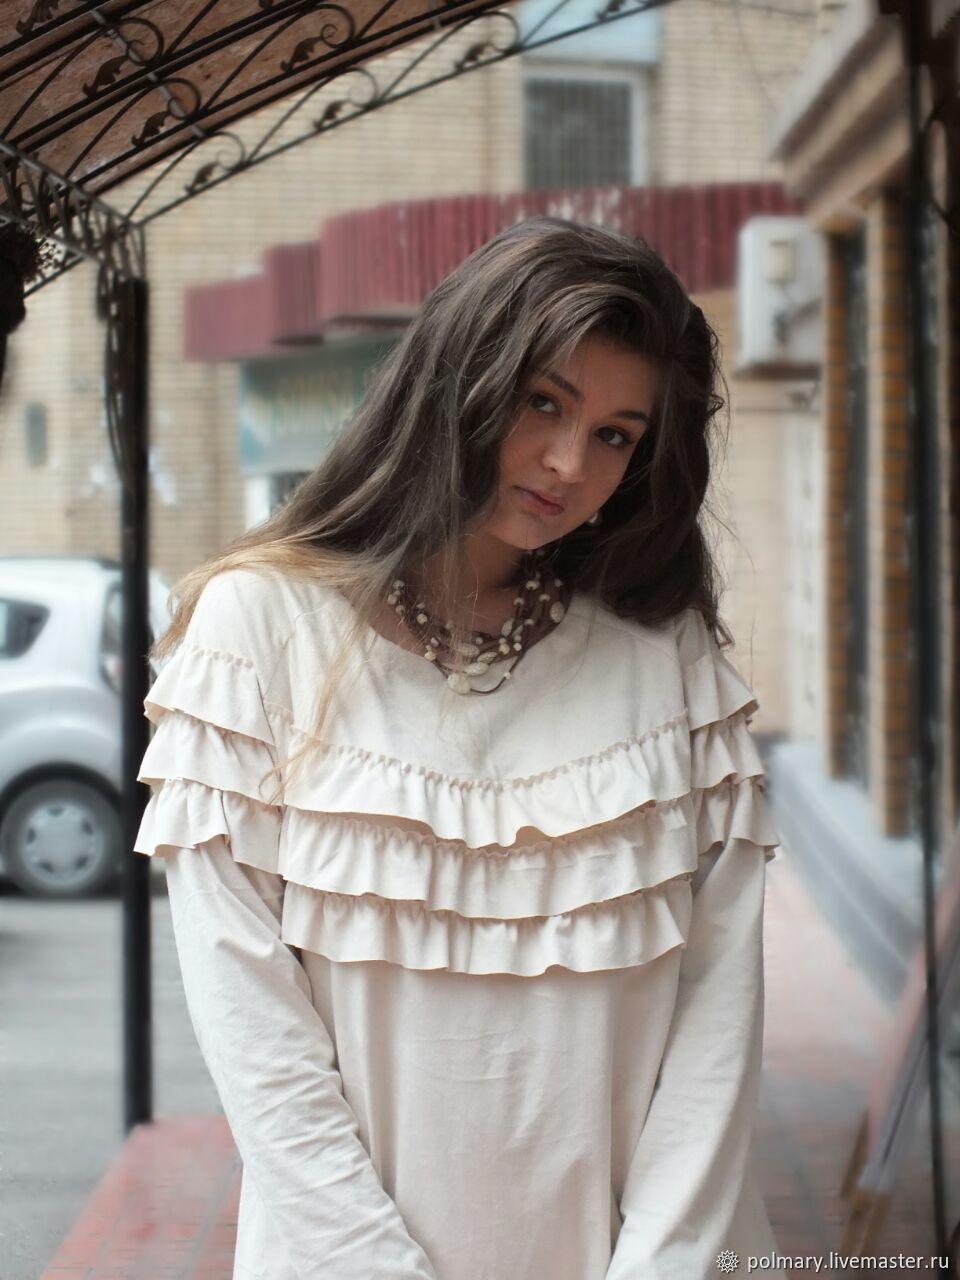 82edacaec32f0 Платья ручной работы. Ярмарка Мастеров - ручная работа. Купить Осенне-зимнее  платье из ...